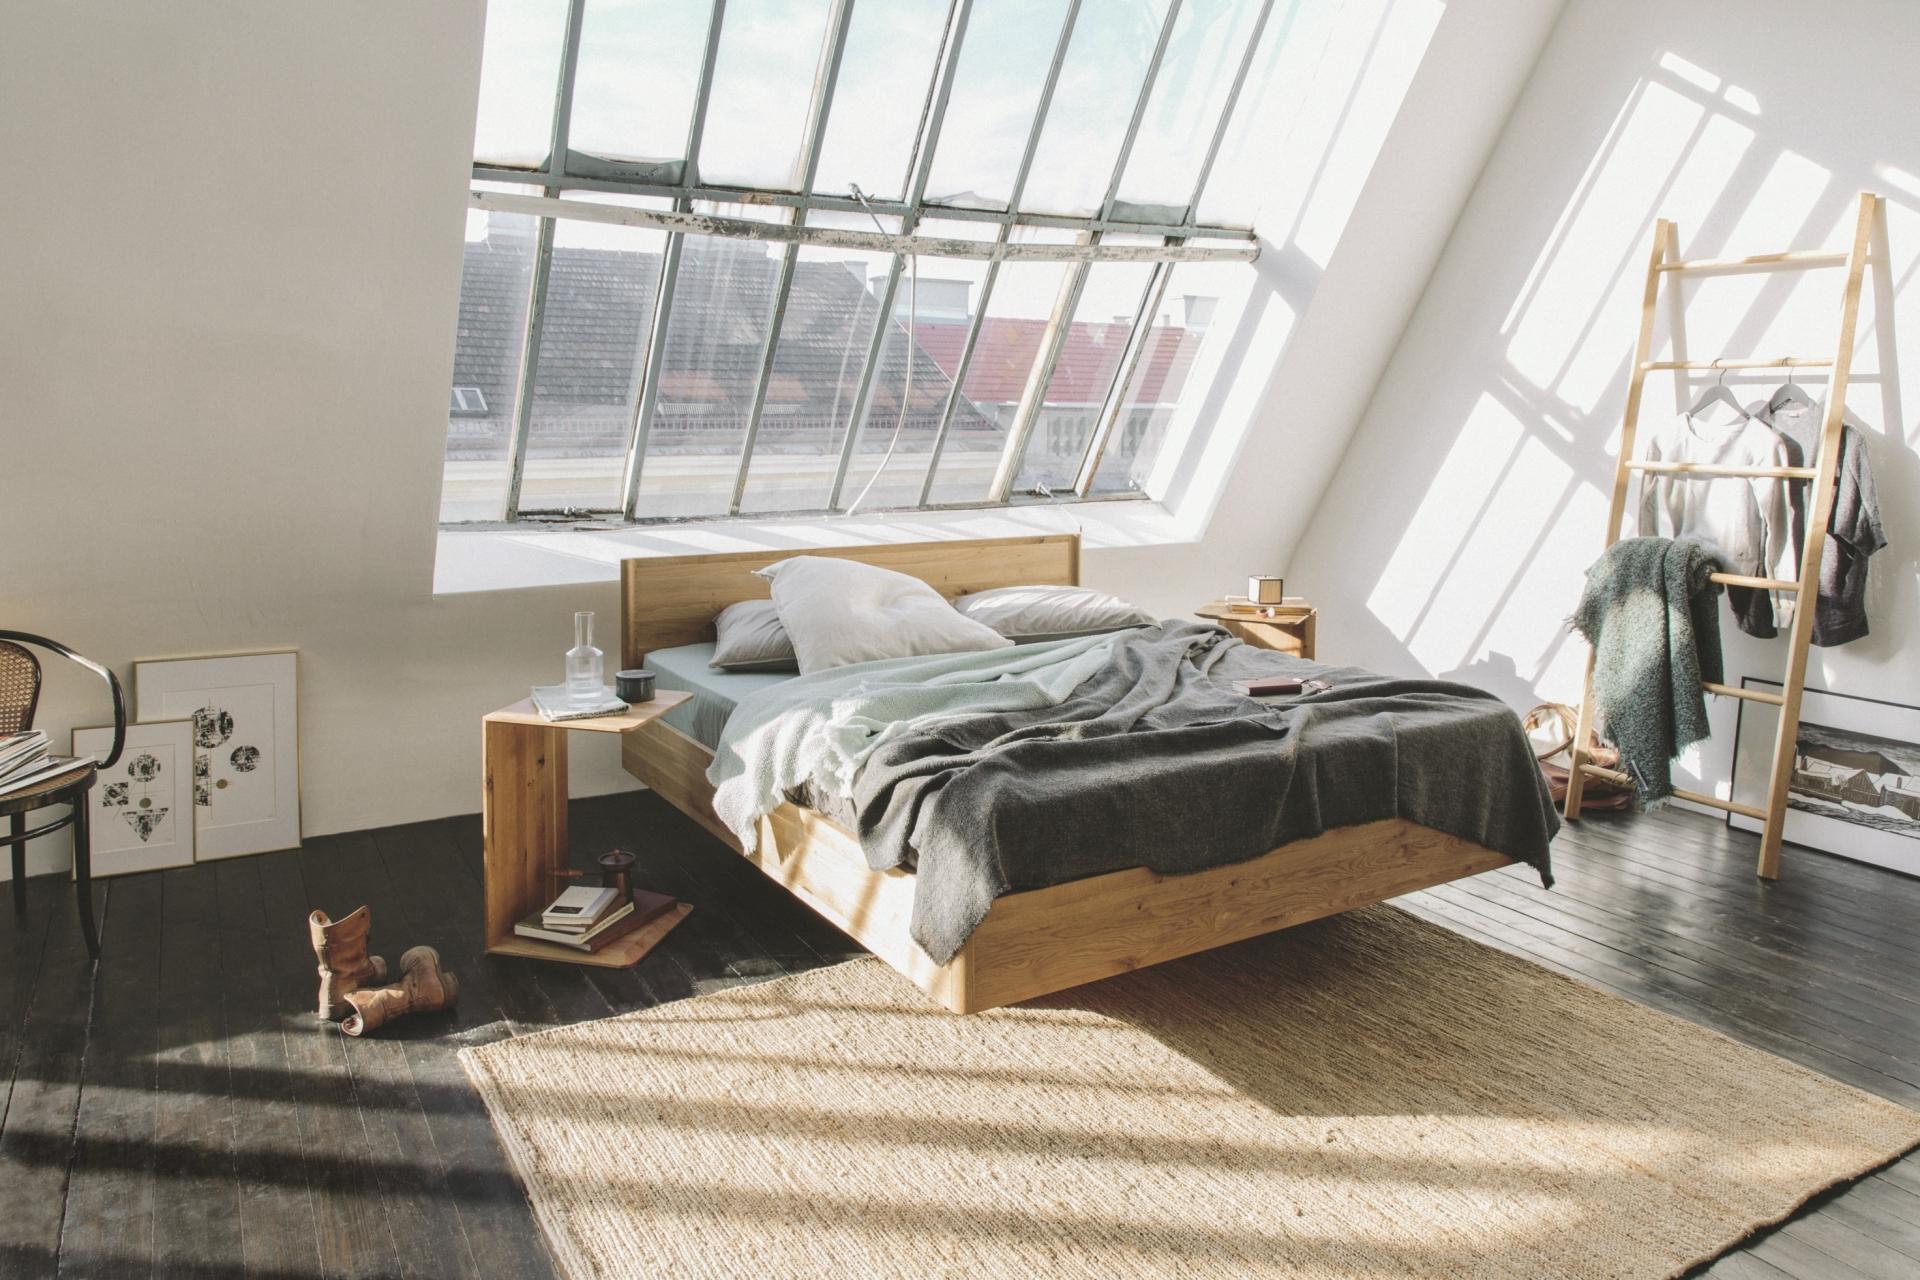 Modernes Schlafzimmer mit Dachschräge und großem Fenster